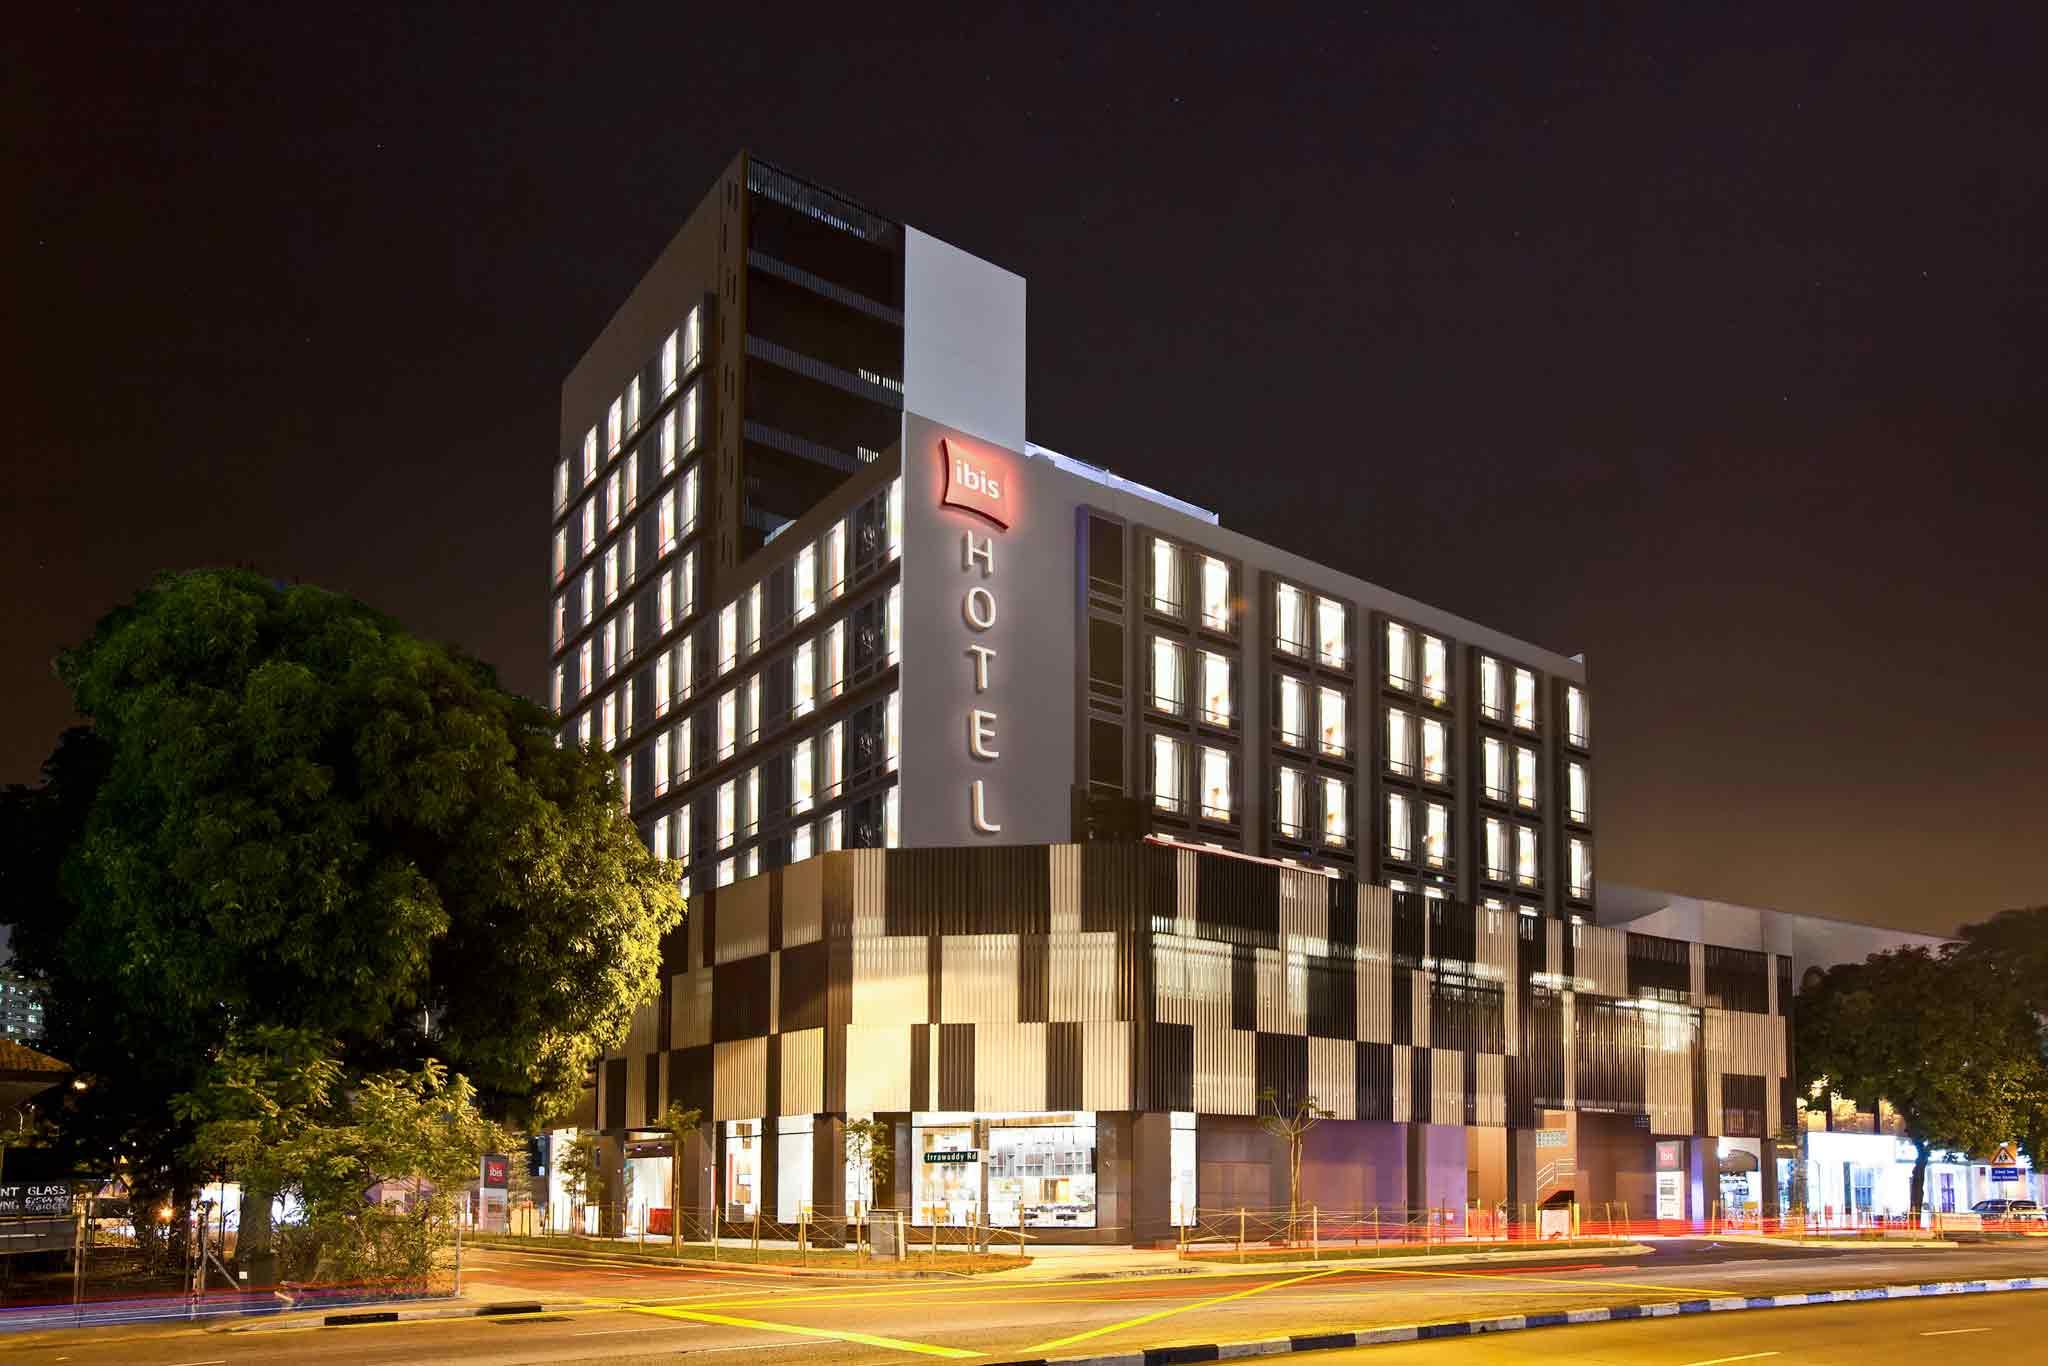 「ibis hotel novena」の画像検索結果